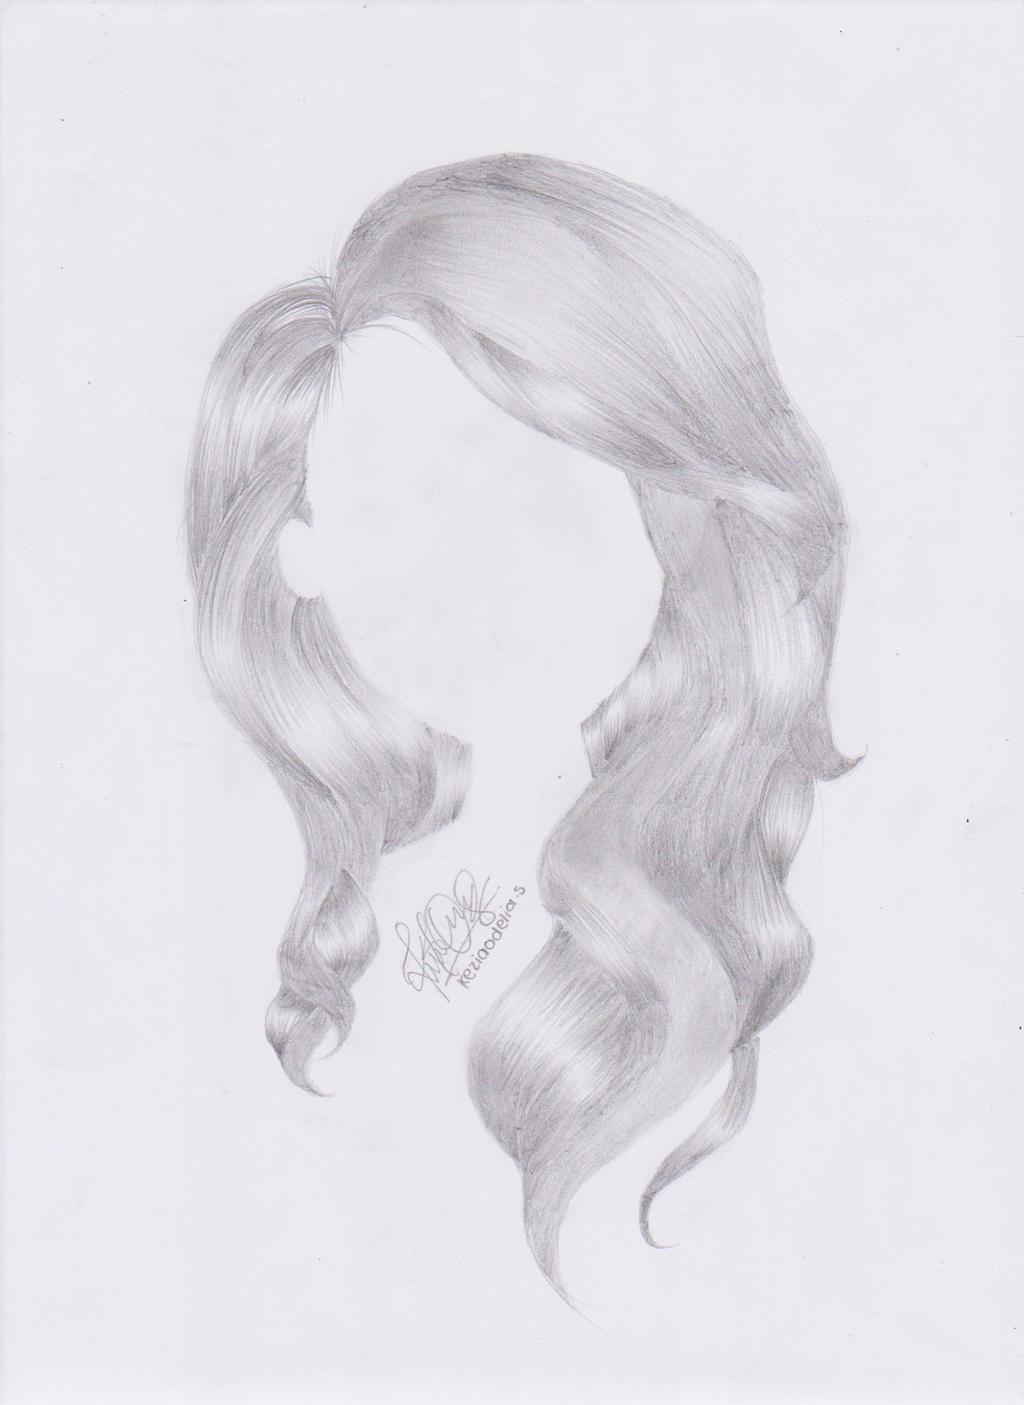 Long wavy hair drawings